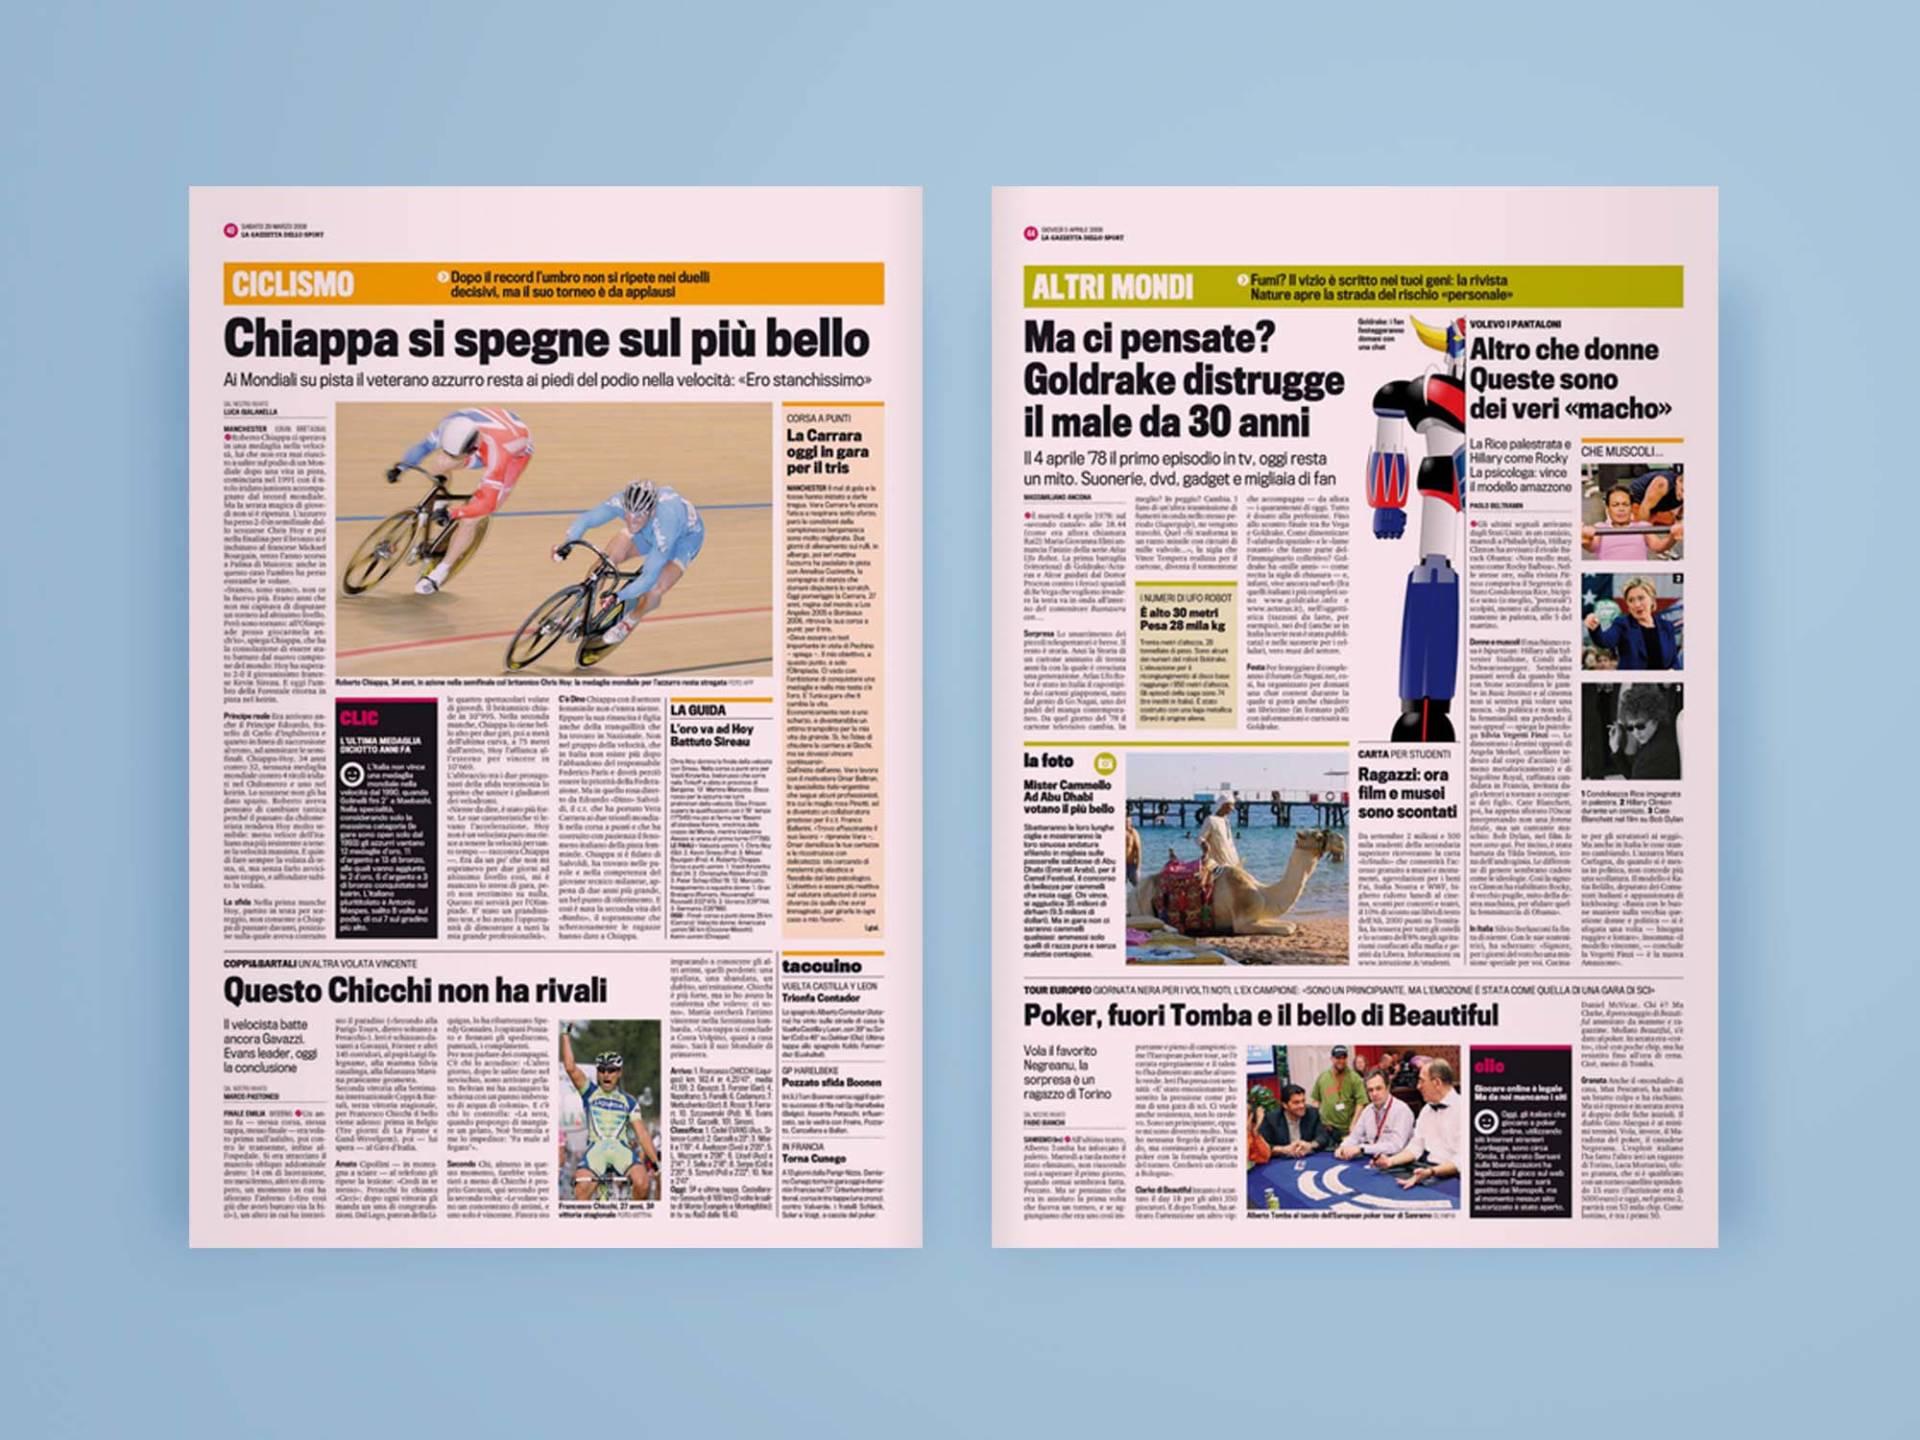 La_Gazzetta_Dello_Sport_09_Wenceslau_News_Design